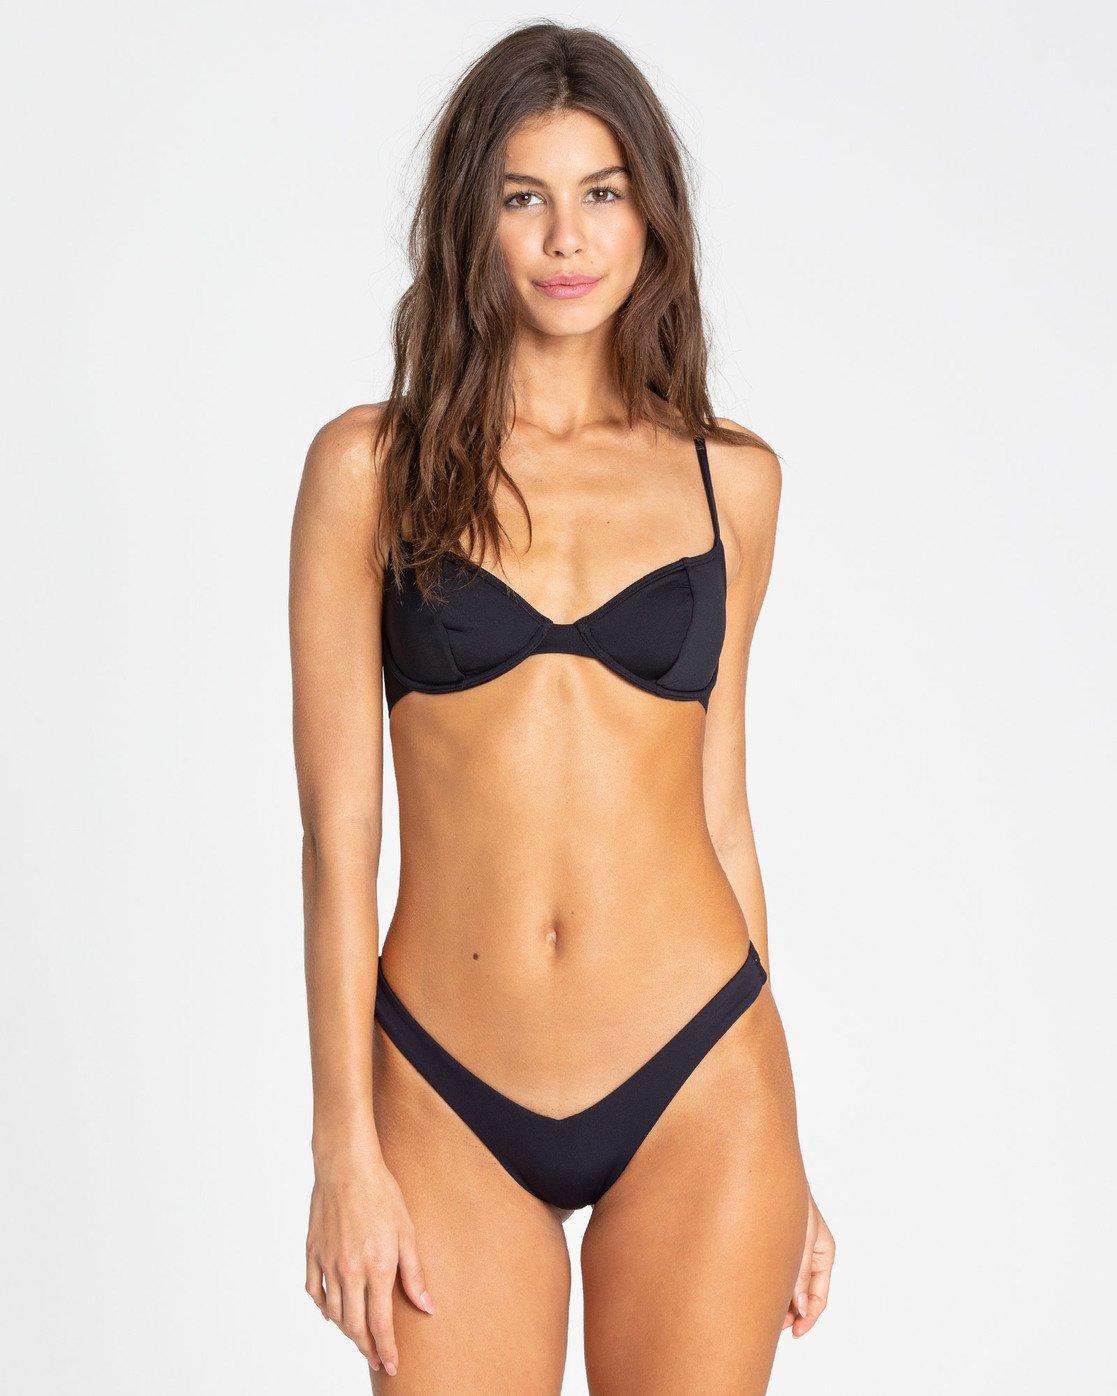 Congratulate, seems Bikini top with underwire